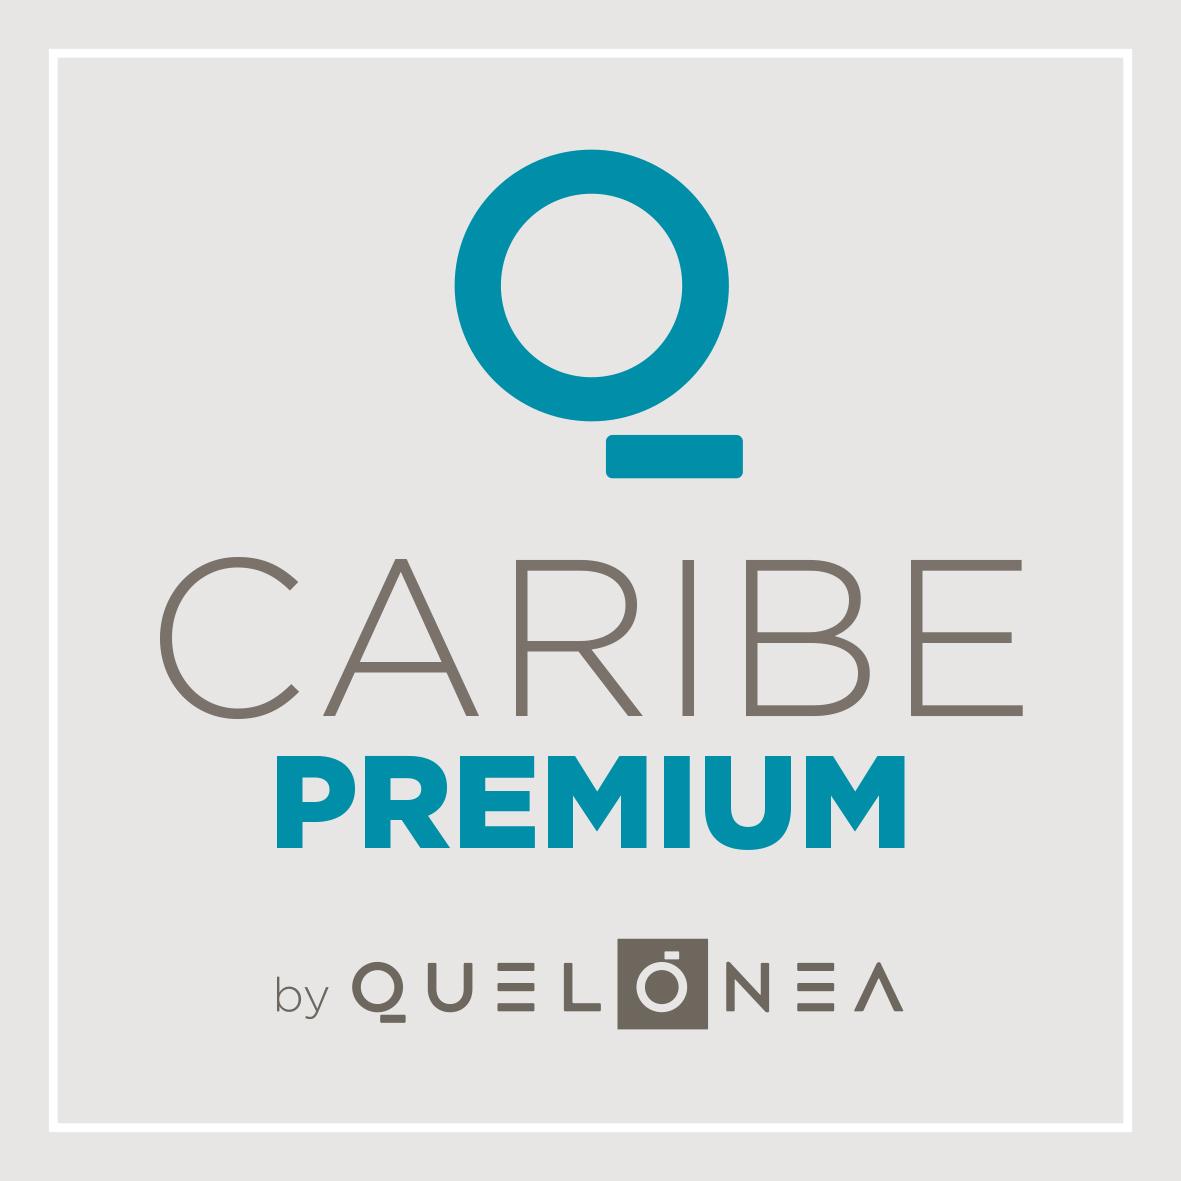 Estancias en Riviera Maya o Costa Mujeres (Caribe Premium)